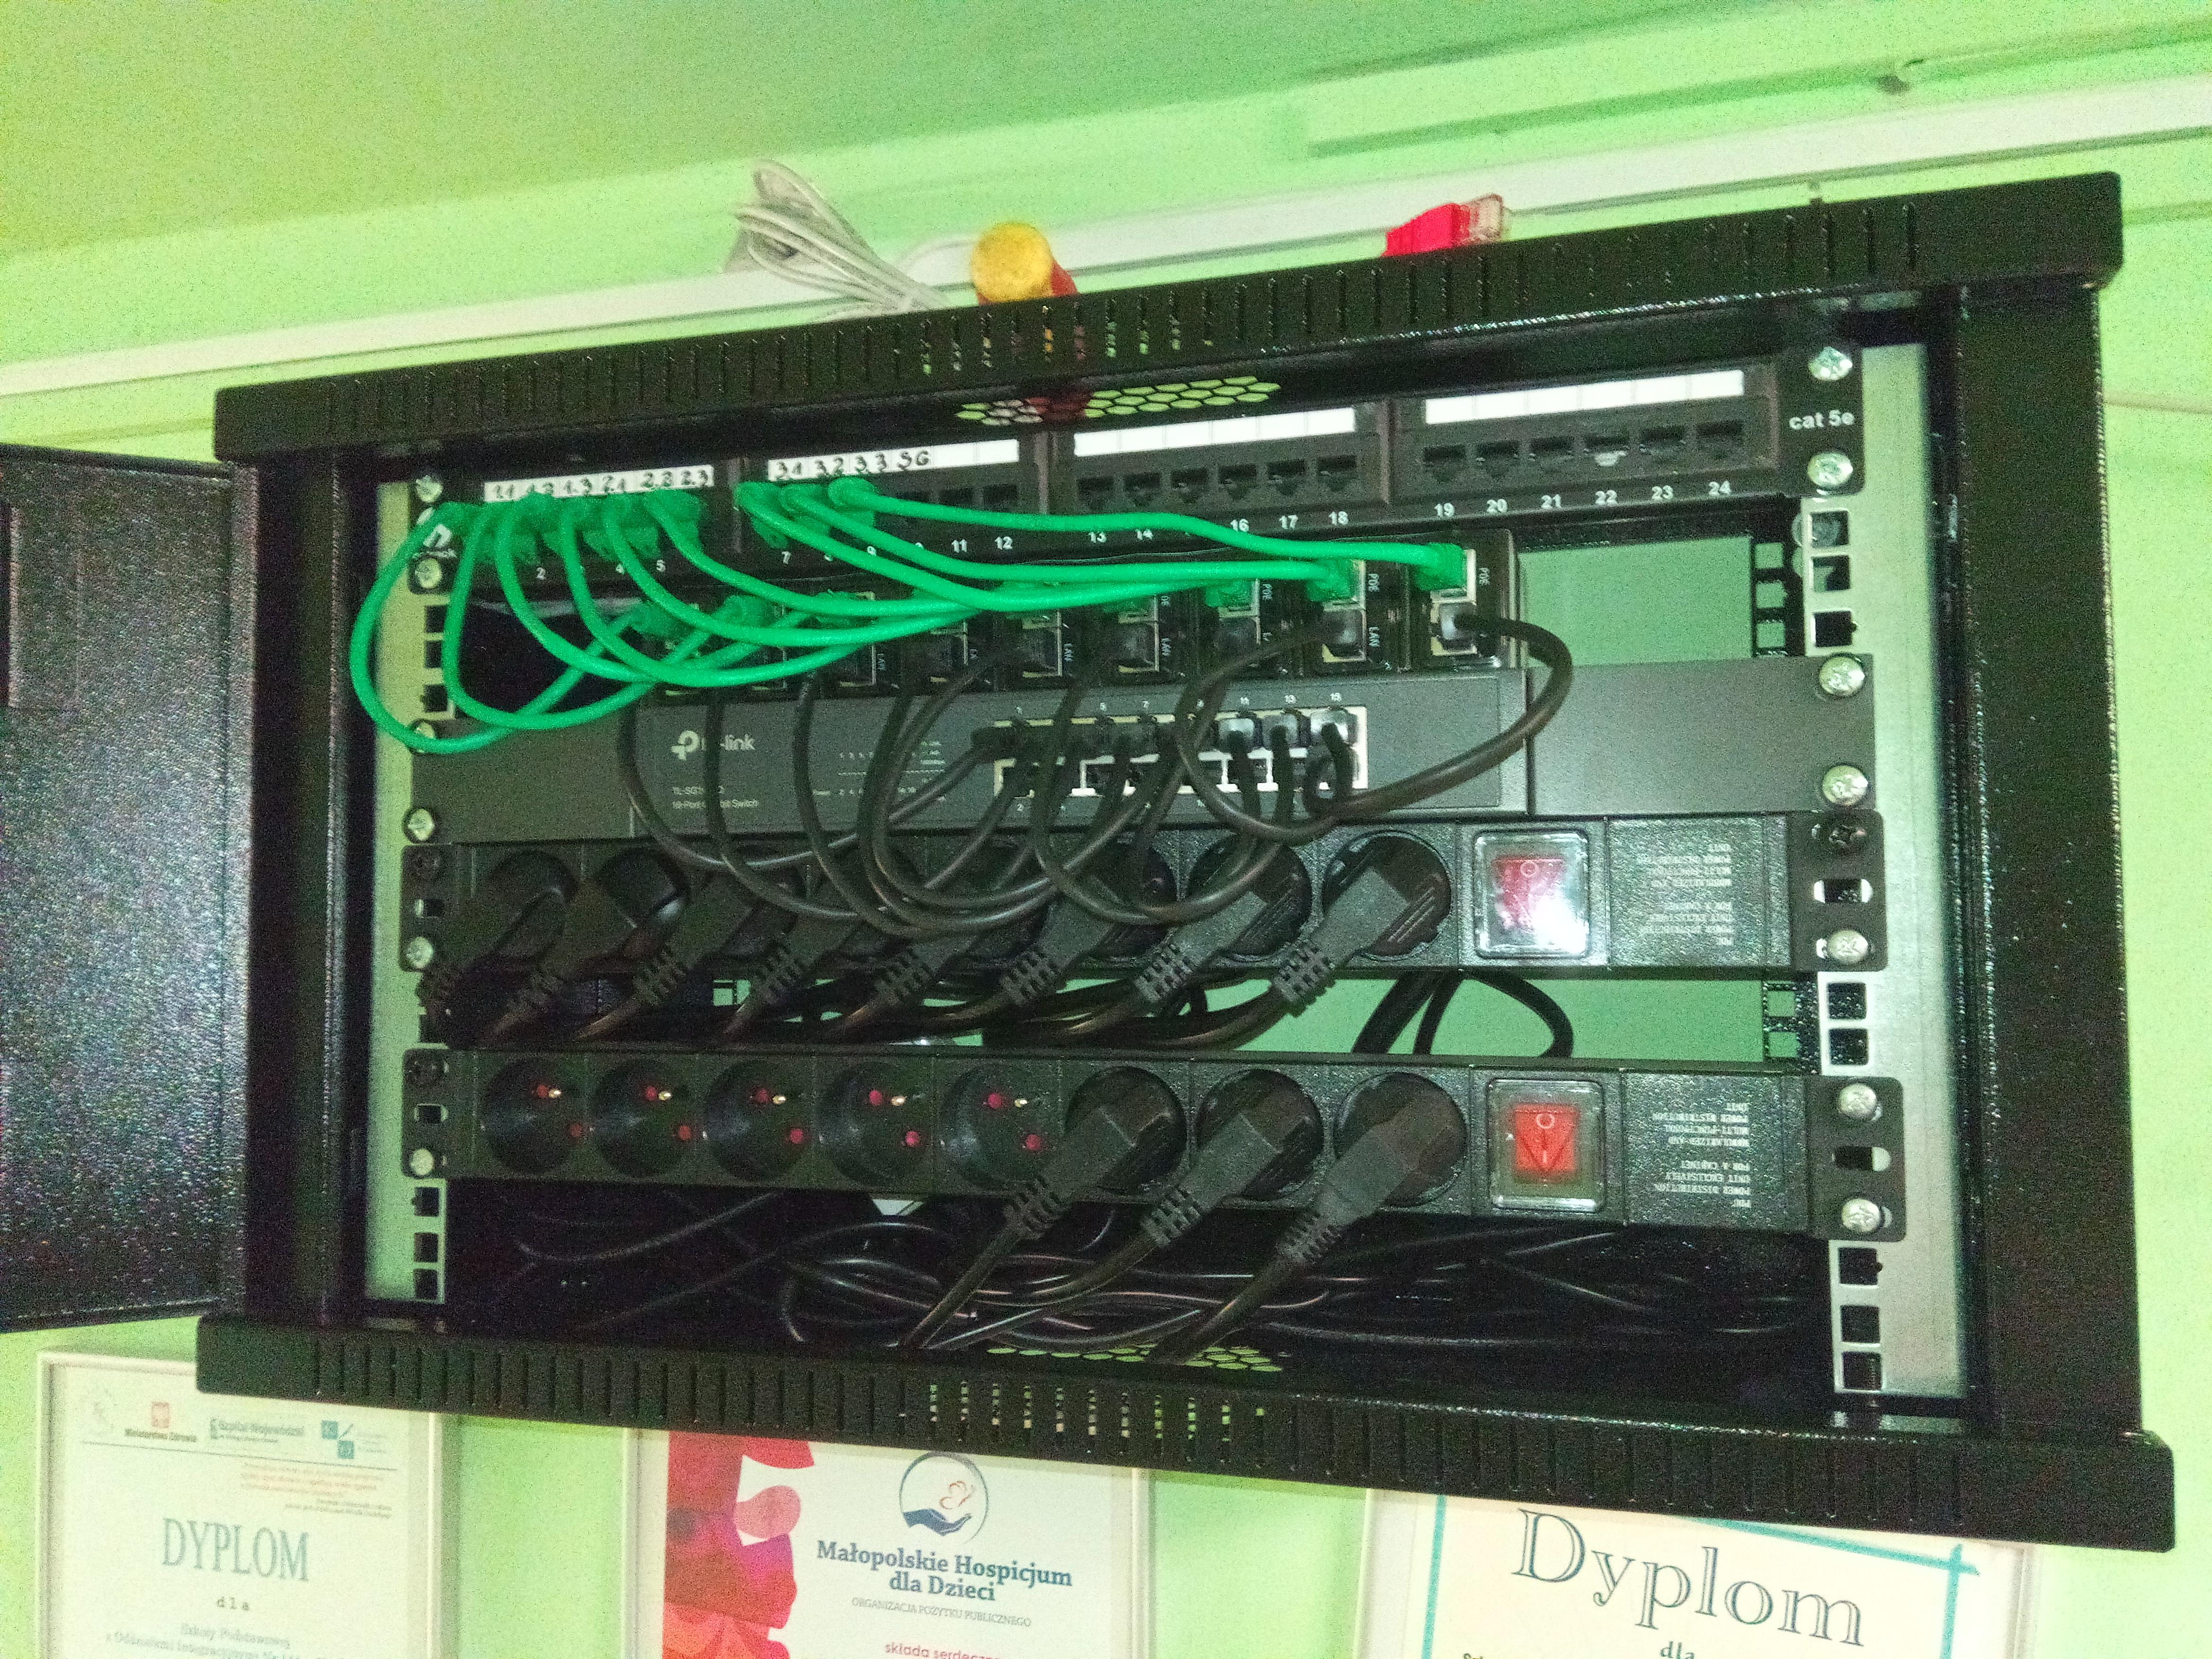 Szafa RACK - urządzenia sieciowe i zasilanie sieci WIFI w całym budynku szkoły